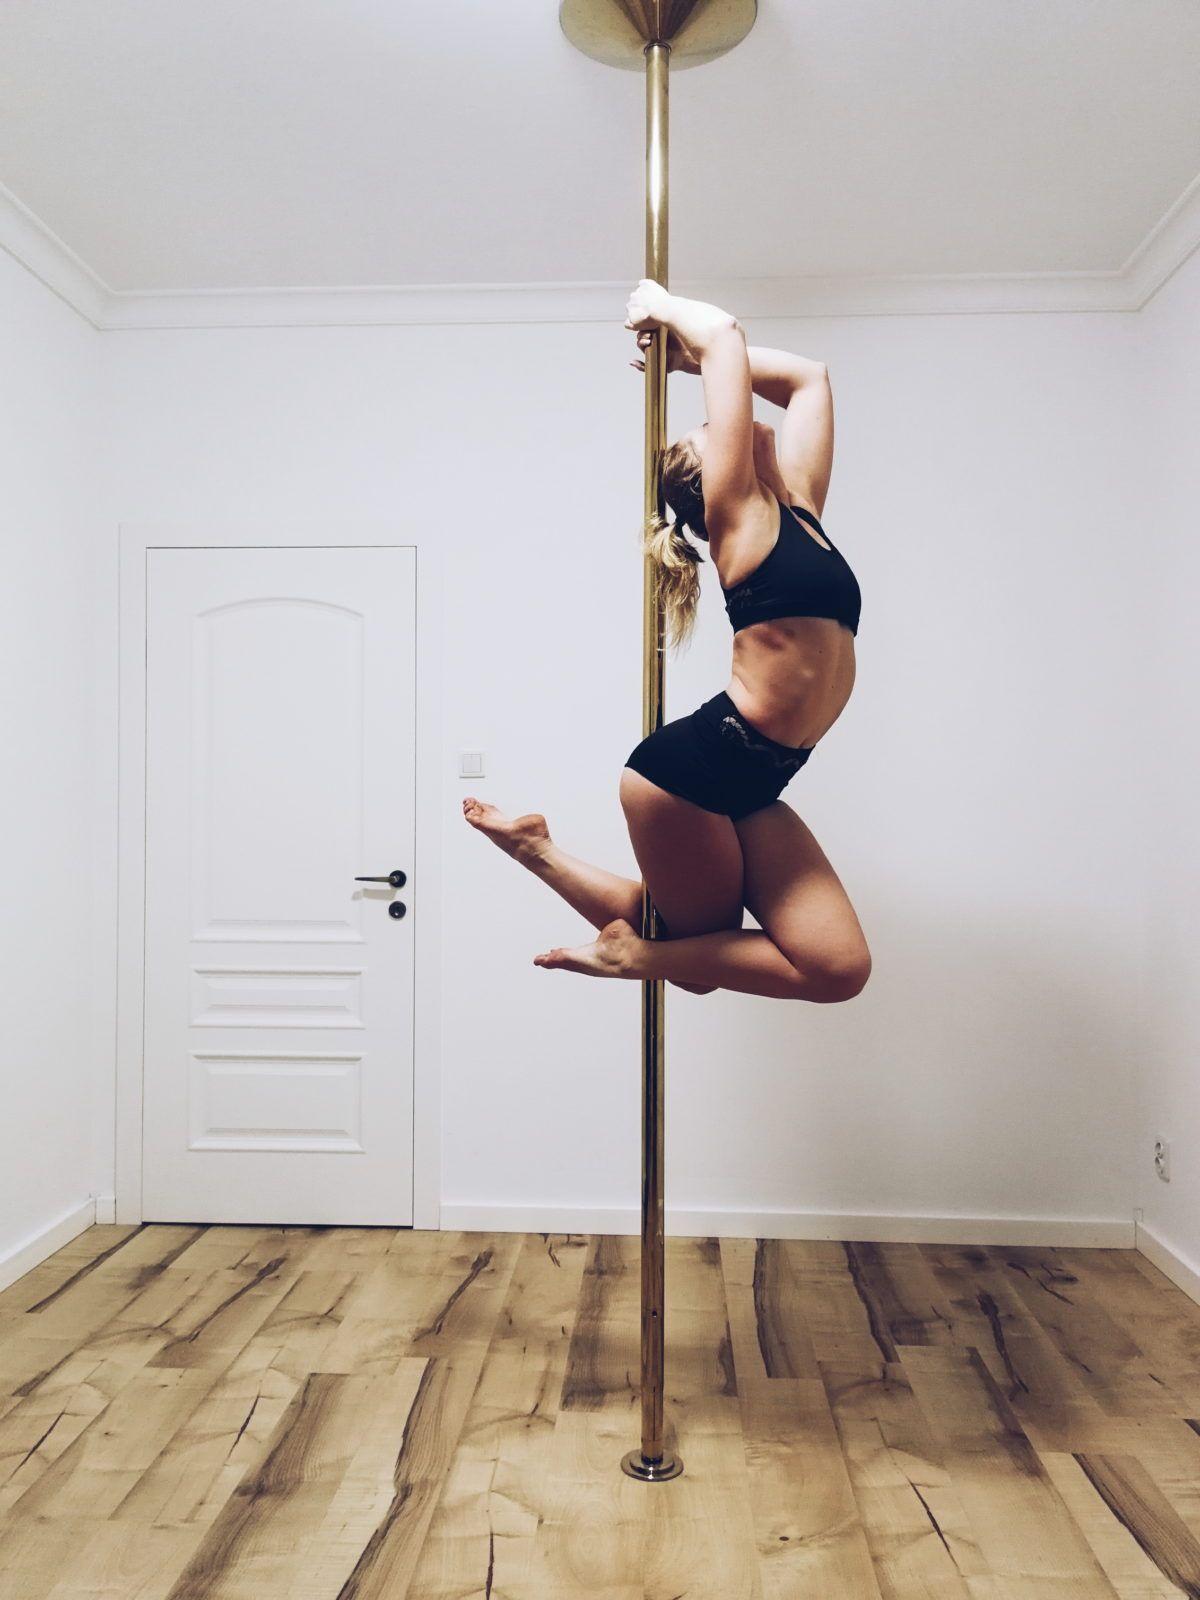 Pole dance wear Pole dance costume Pole dancer Pole dance set Poledance Pole Wear Pole dance Yoga Pole Fitness